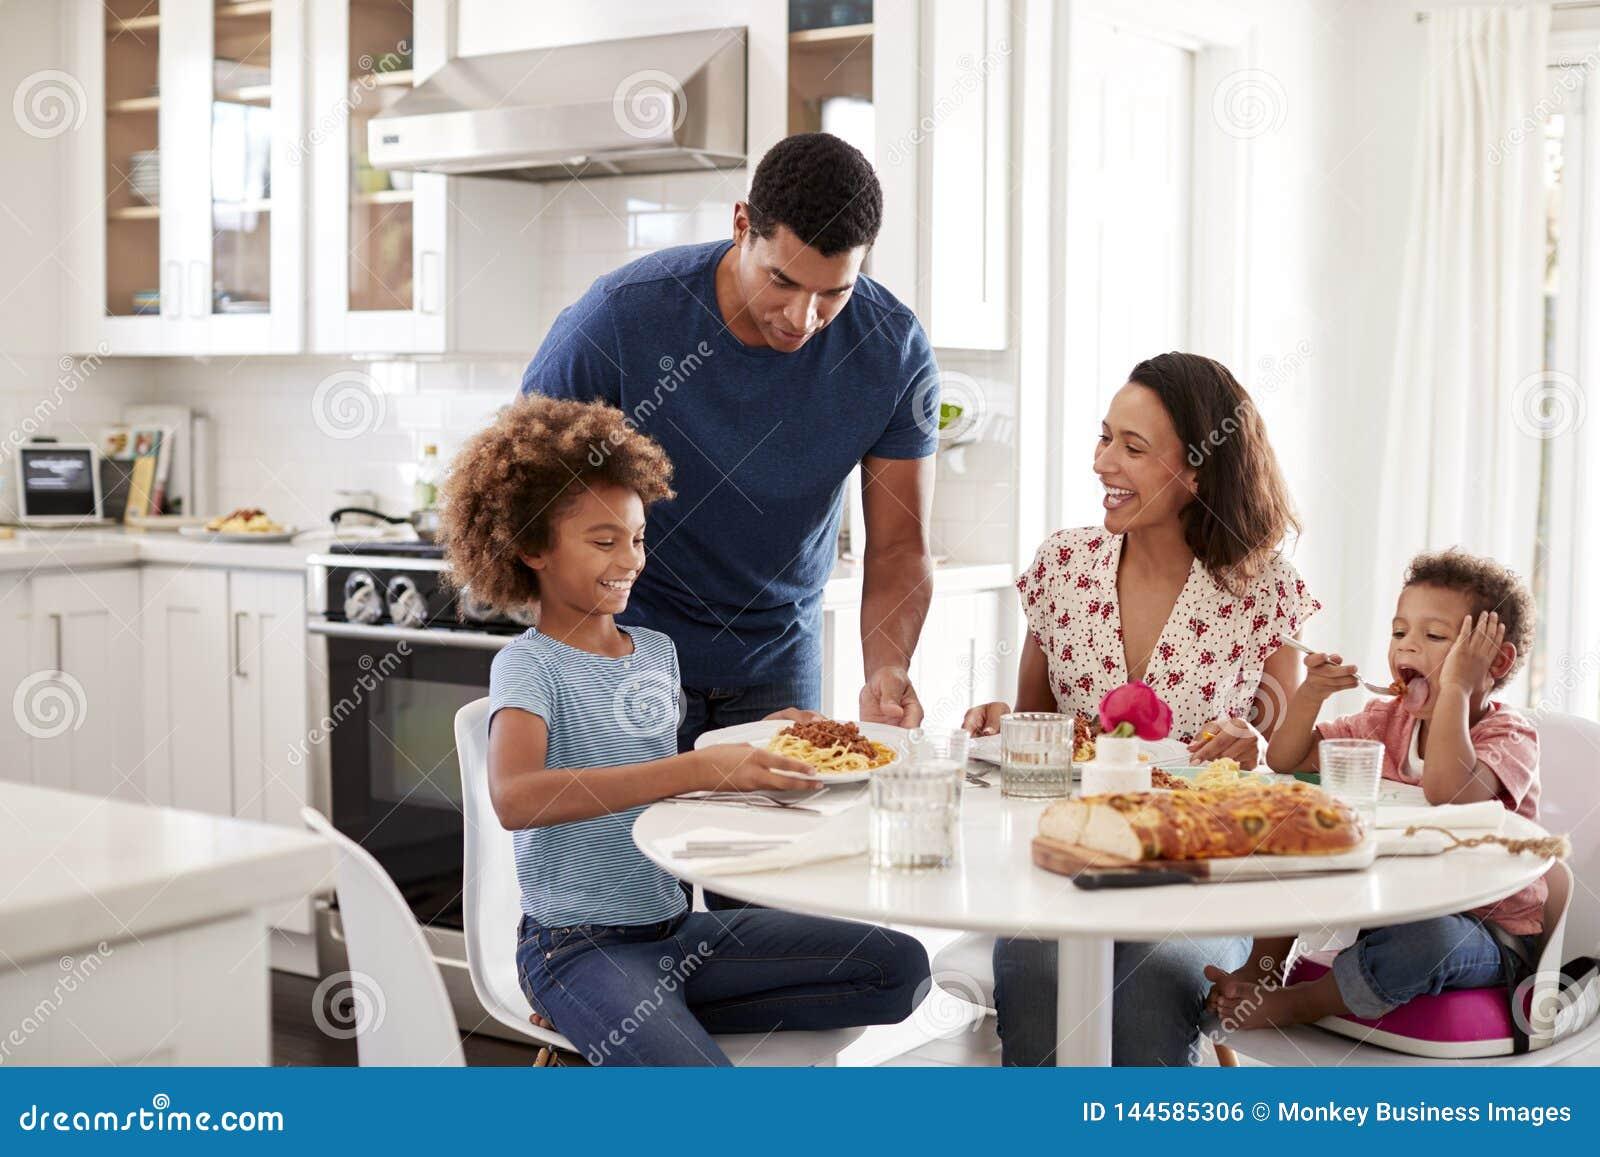 Jeune mère s asseyant à la table dans la cuisine avec des enfants, père leur servant la nourriture, foyer sélectif